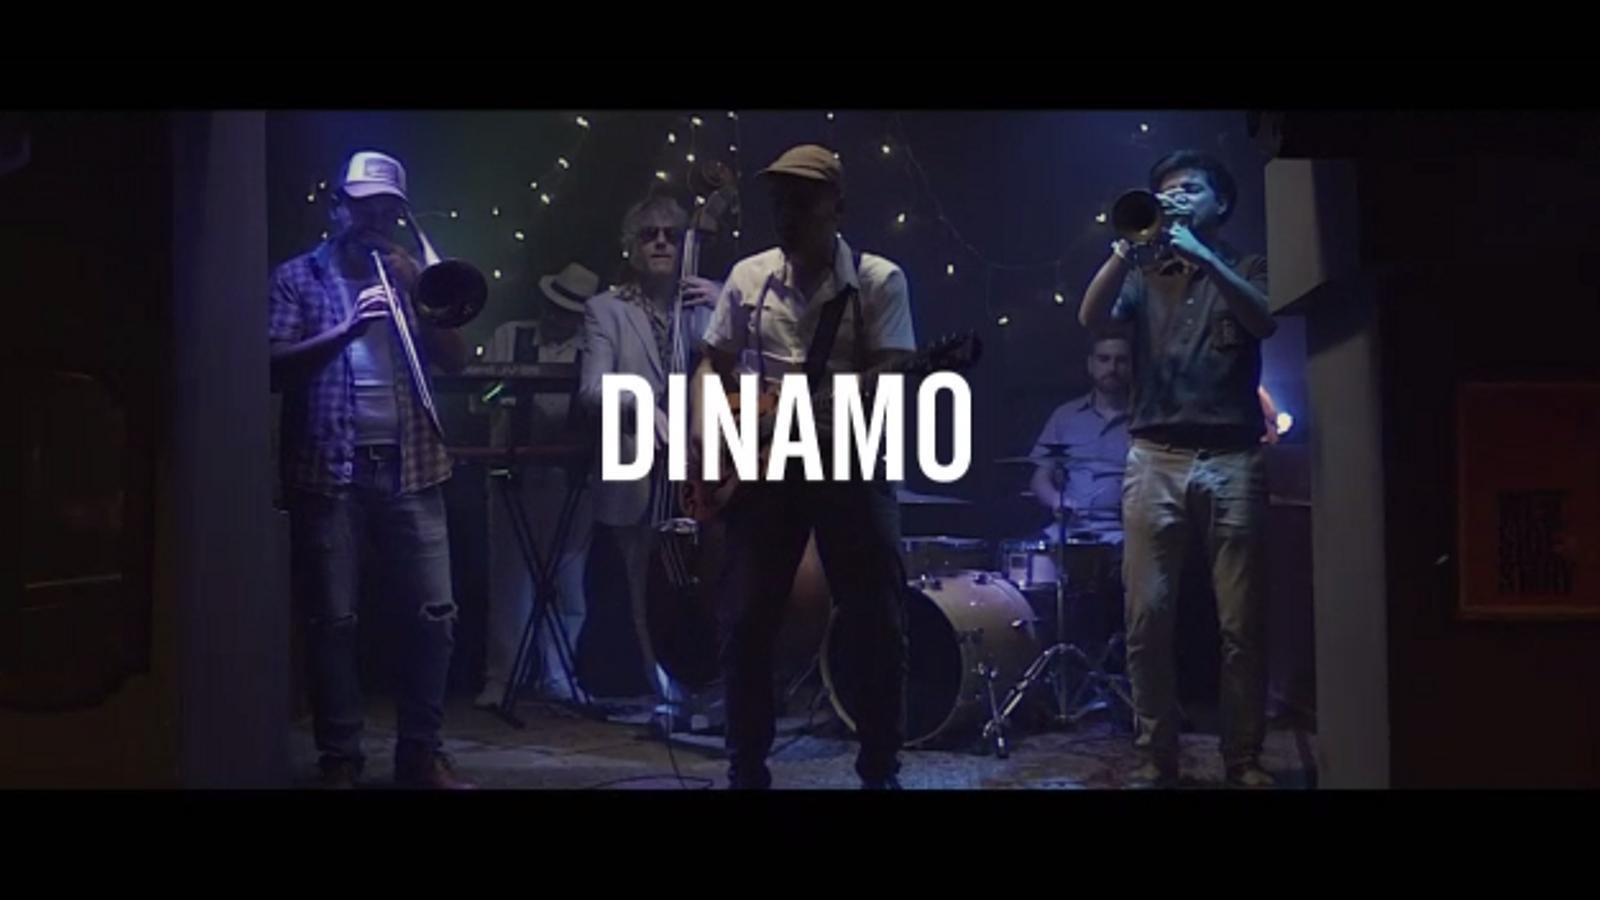 Dinamo presenta nou videoclip en concert.